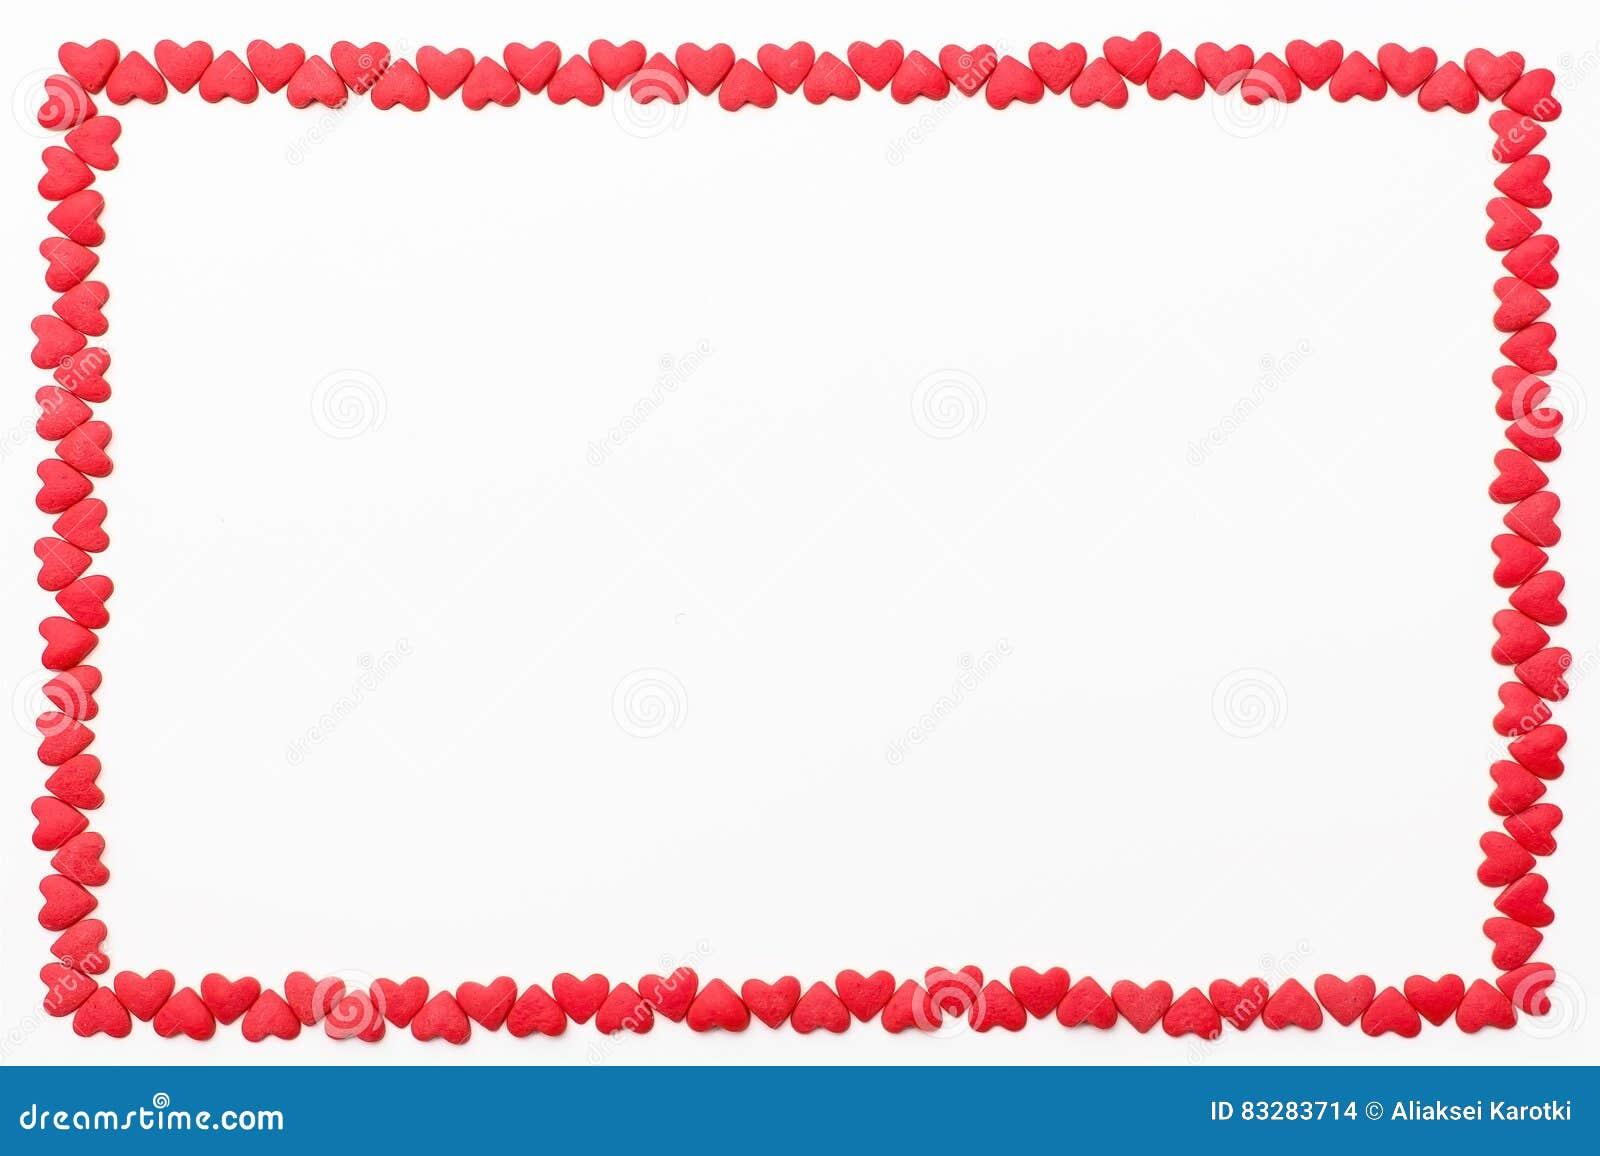 Feld von kleinen roten Herzen auf einem weißen Hintergrund Festlicher Hintergrund für Valentinsgruß ` s Tag, Geburtstag, Hochzeit